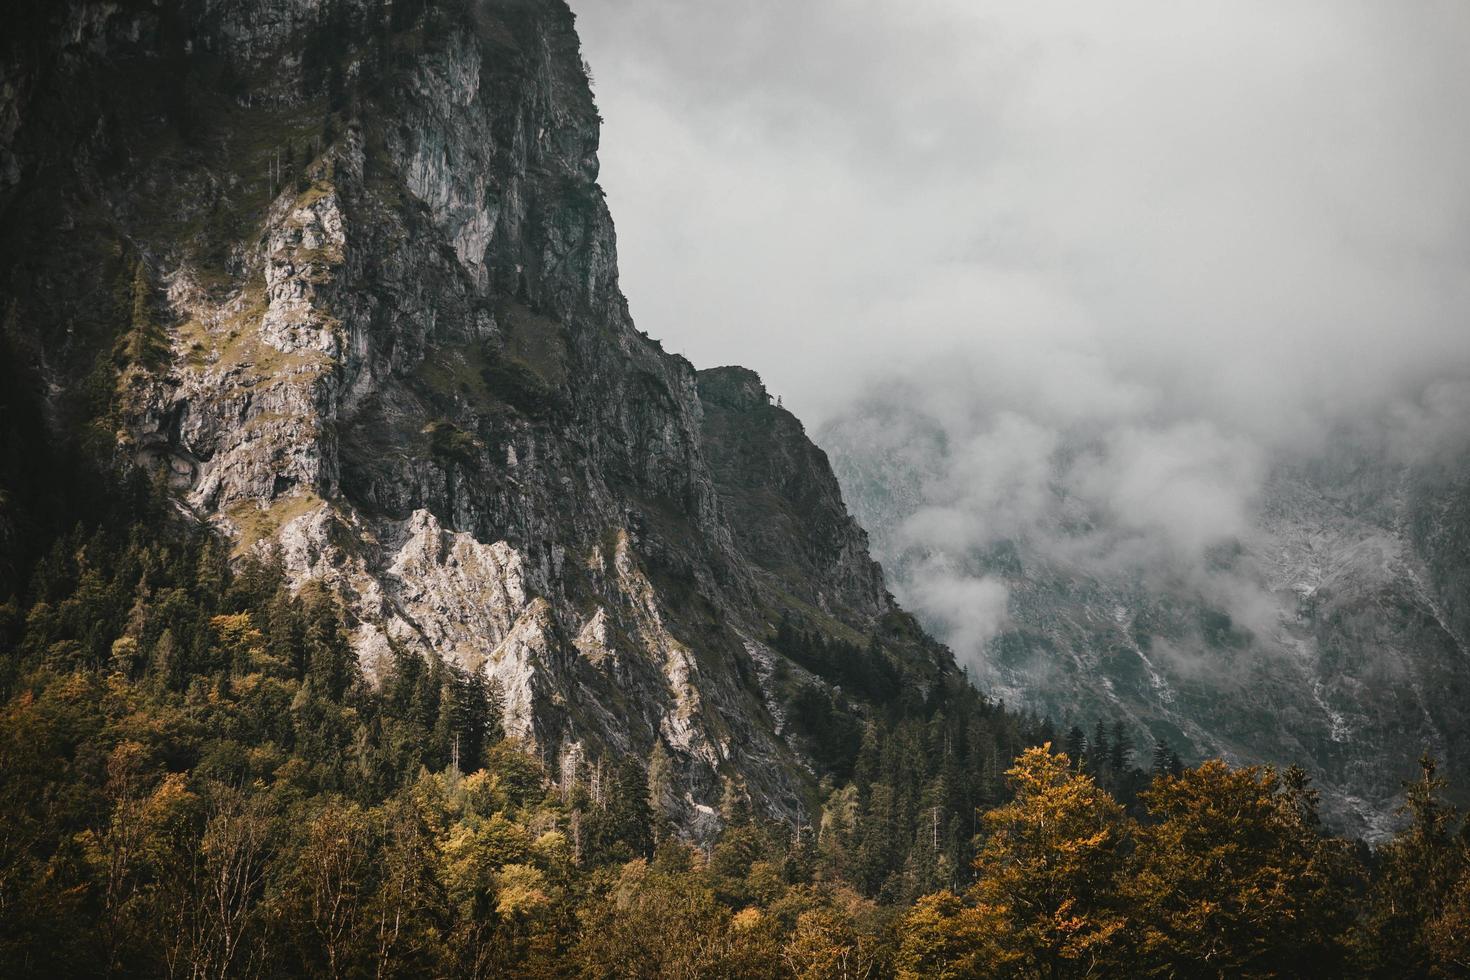 árboles y montañas cambiantes foto